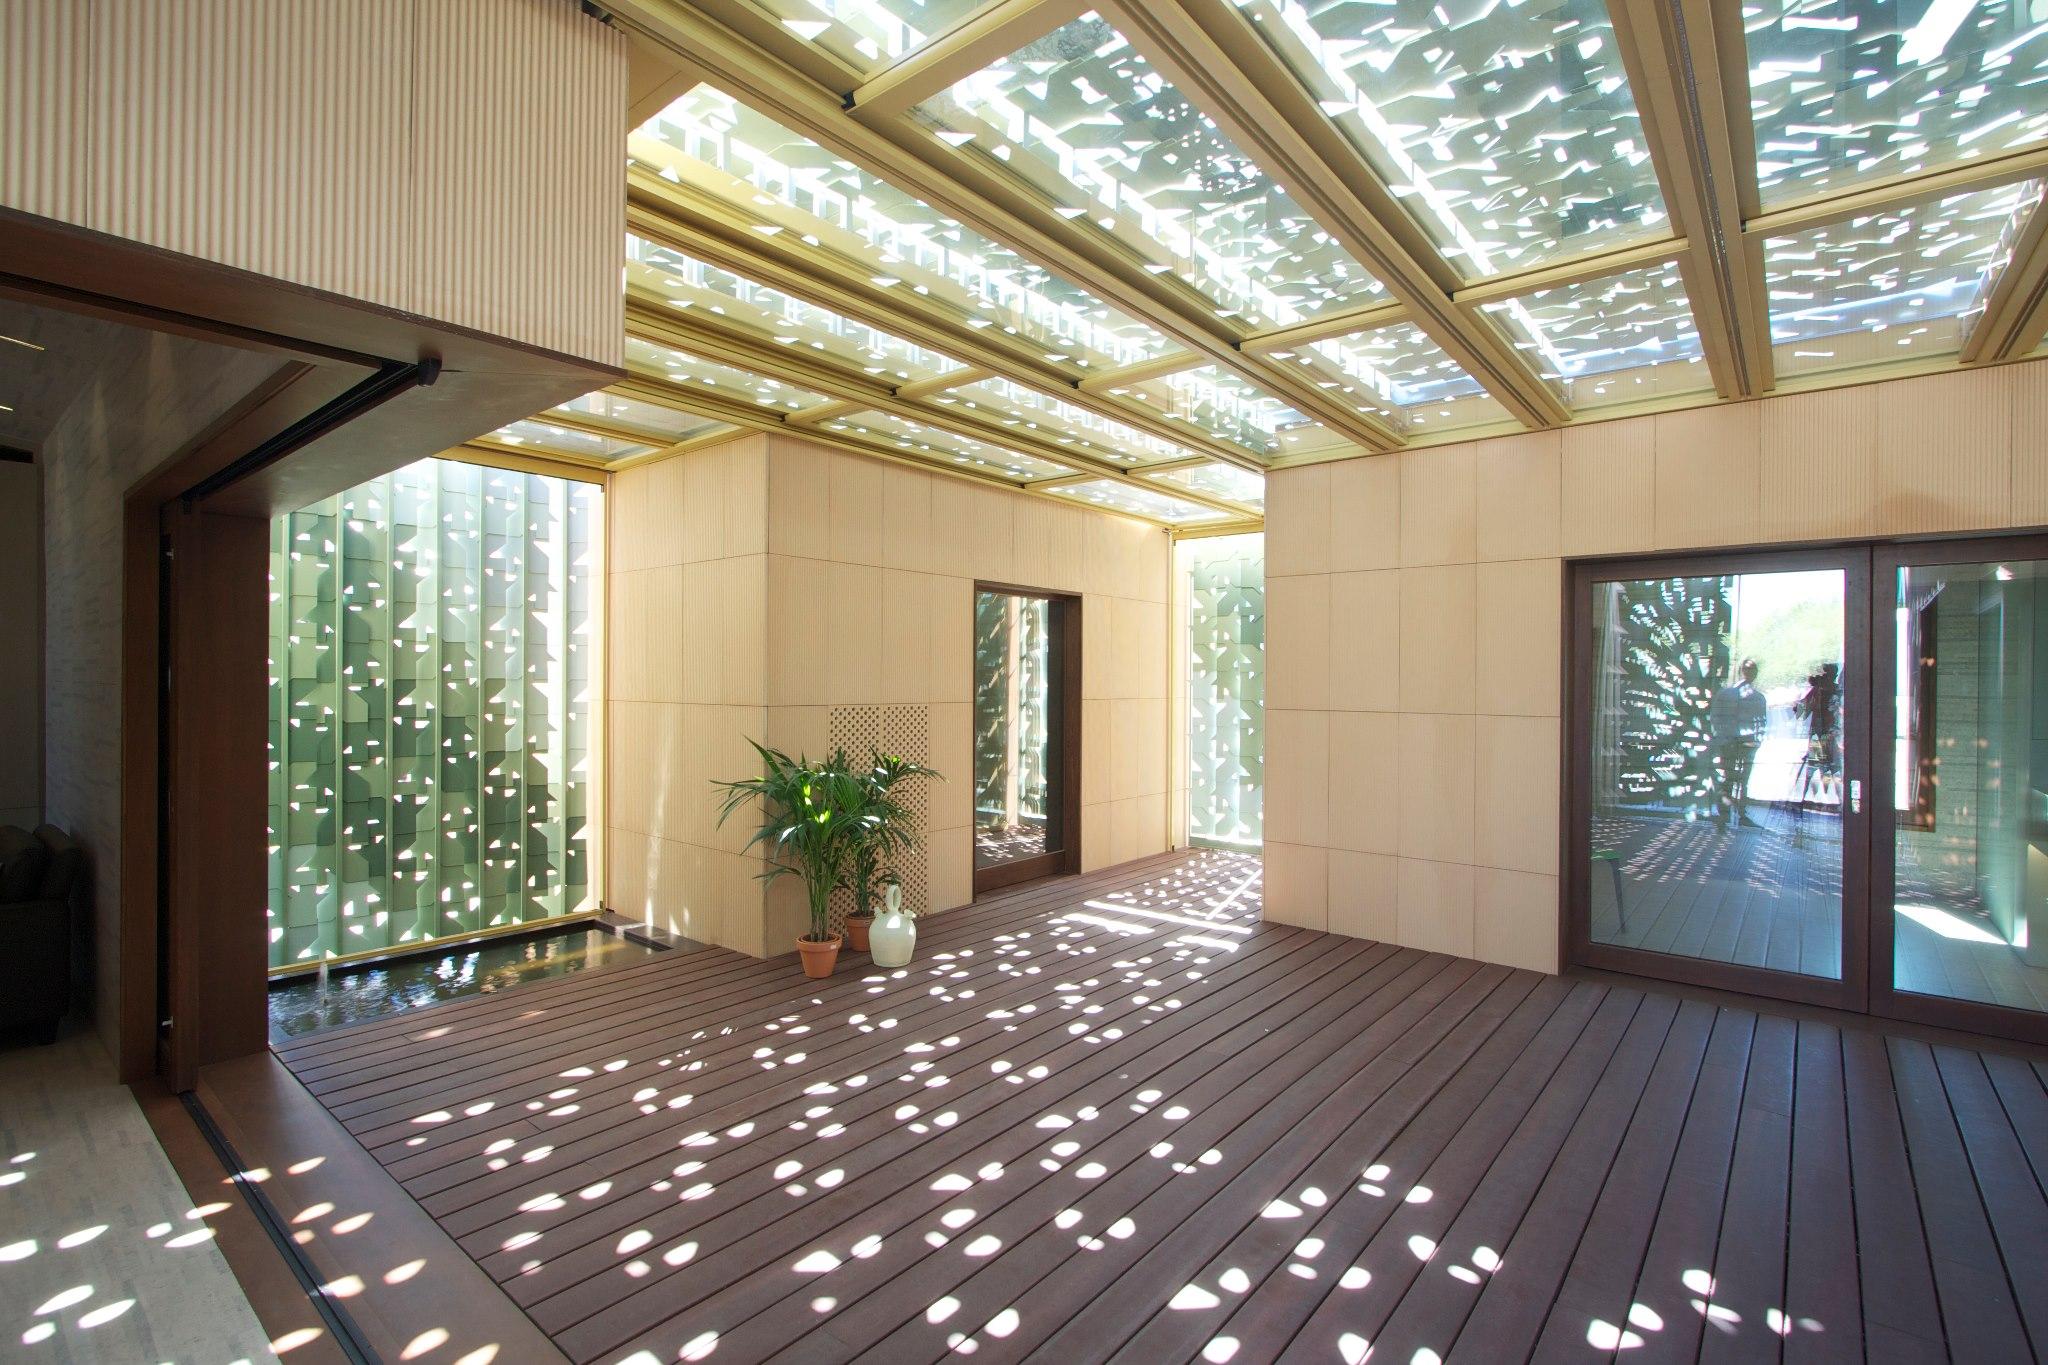 Un instante en patio blog javier terrados - Casas con patio interior ...